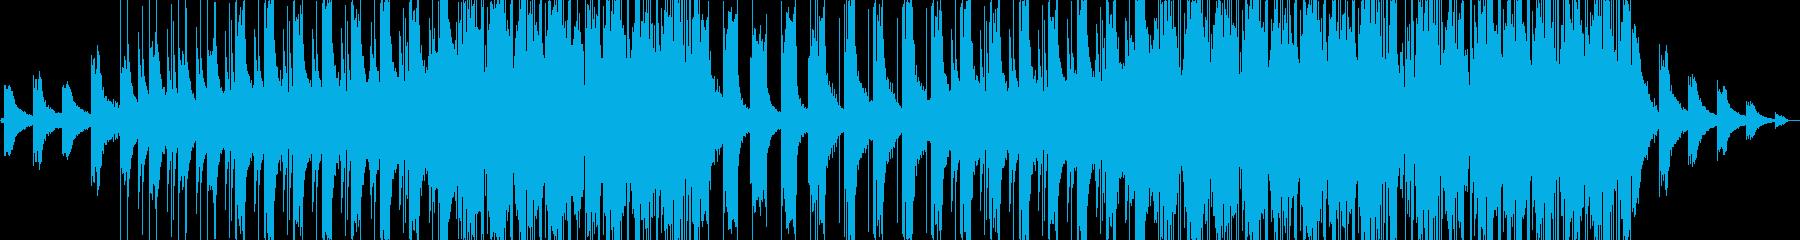 ピアノがループするLo-Fi Beatsの再生済みの波形